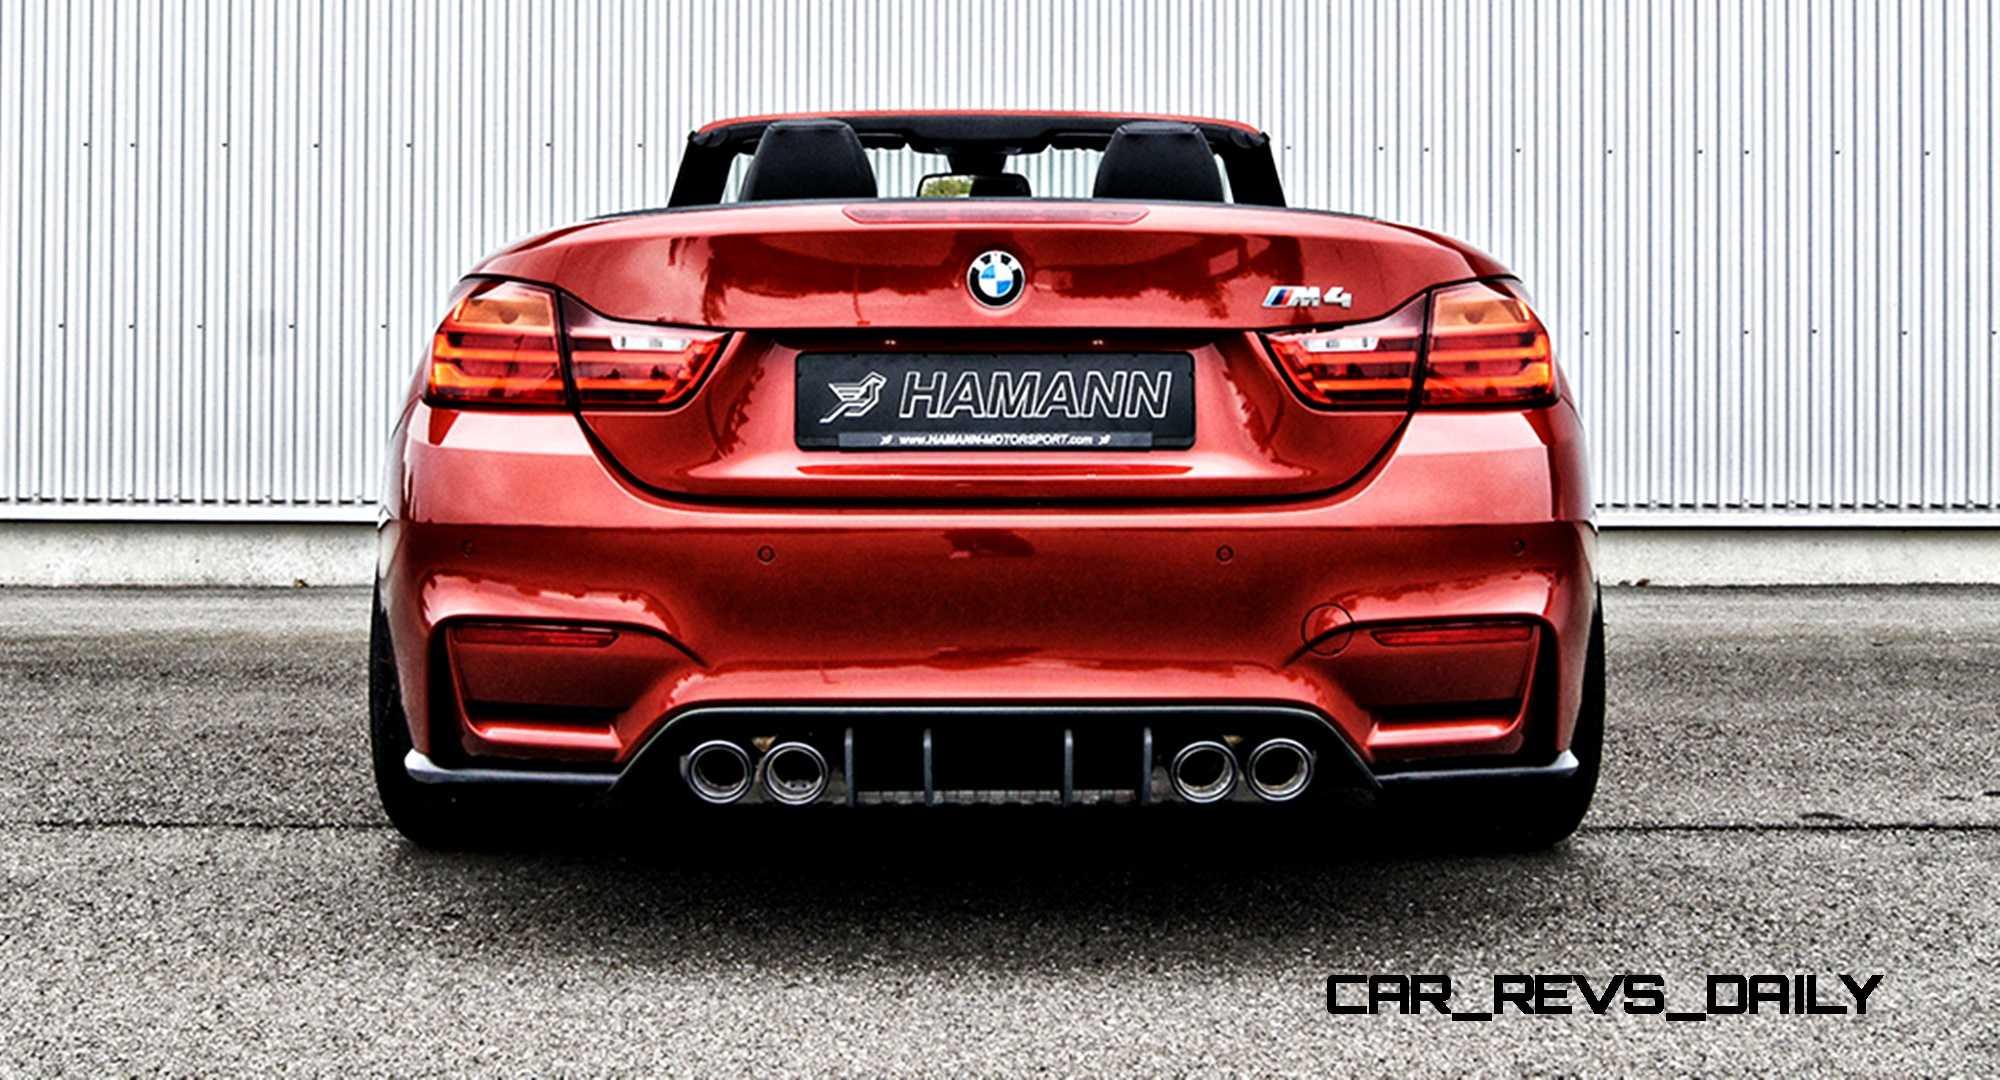 2015 BMW M4 by HAMANN 40